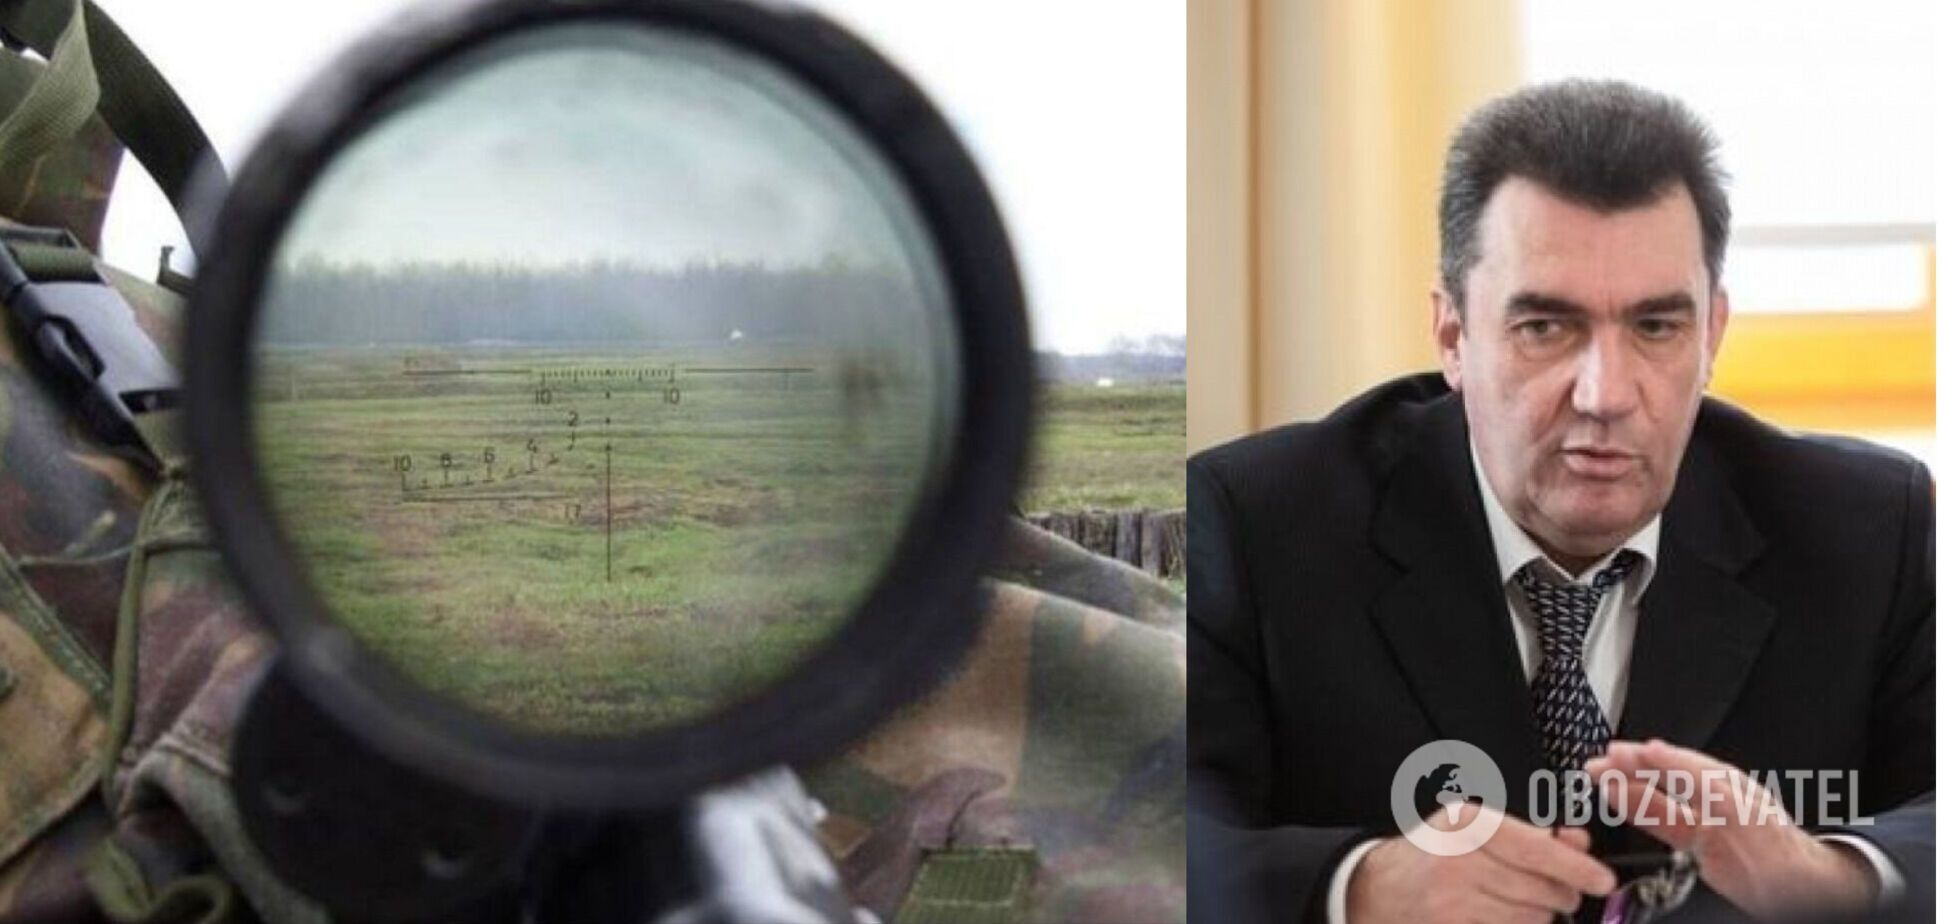 Данилов показал в эфире фото ликвидированного на Донбассе вражеского снайпера: за каждого нашего воина есть ответ